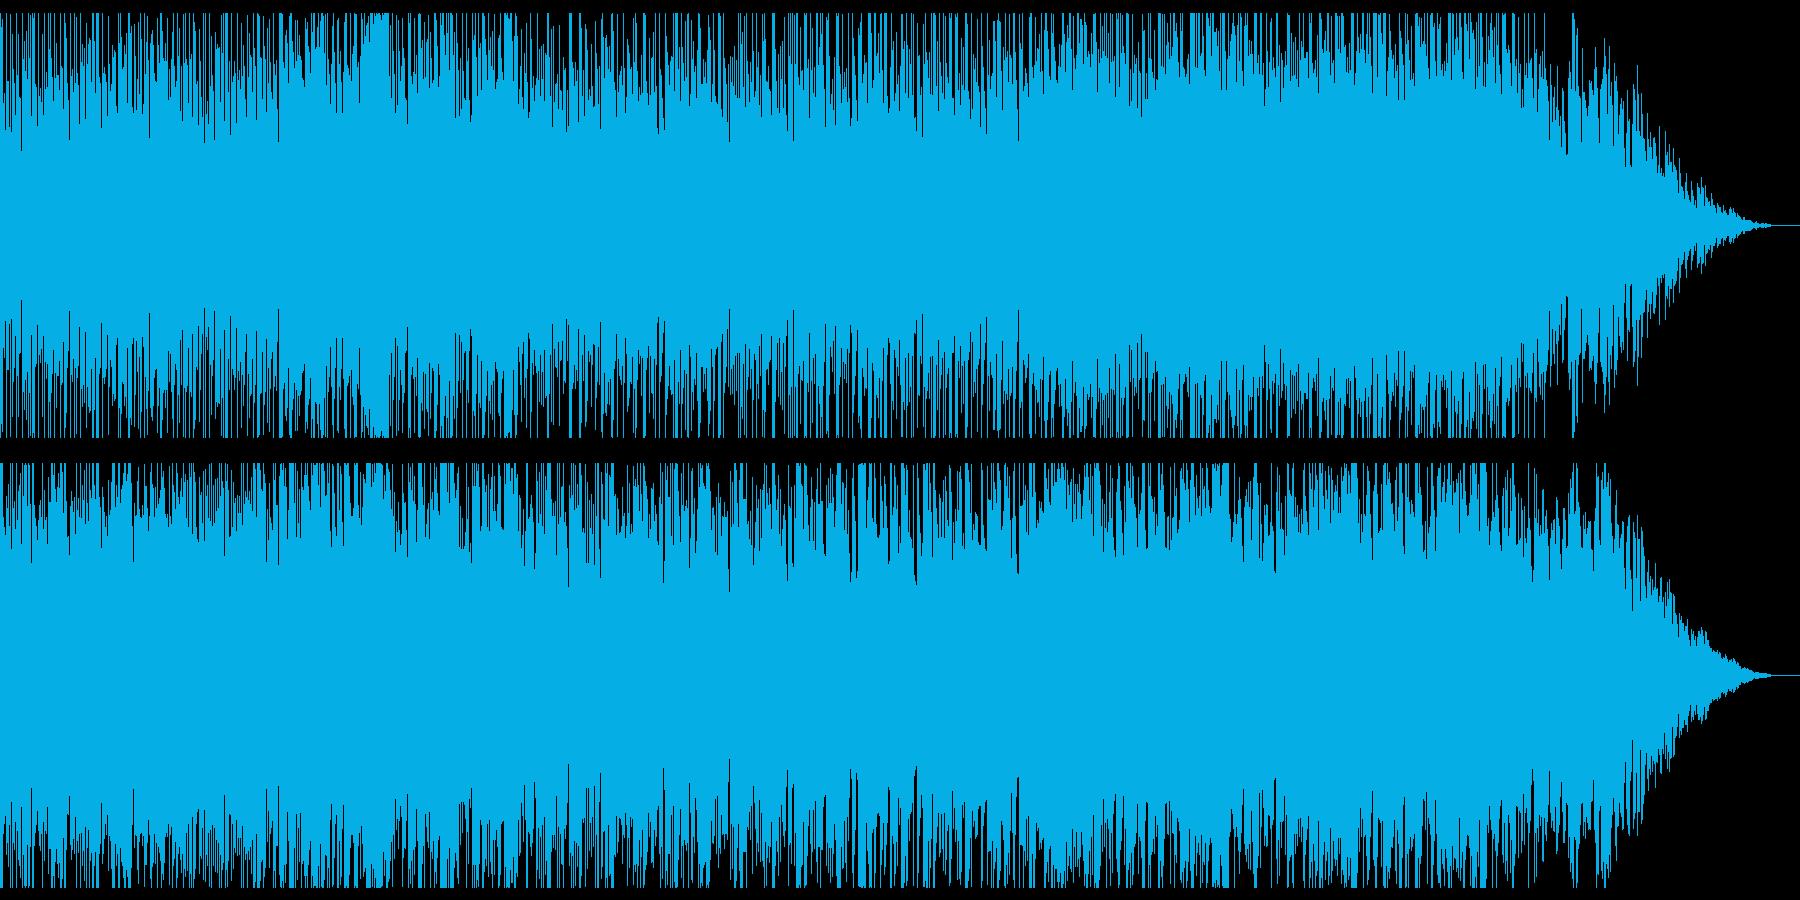 迷路に迷い込んだイメージの無国籍な曲の再生済みの波形